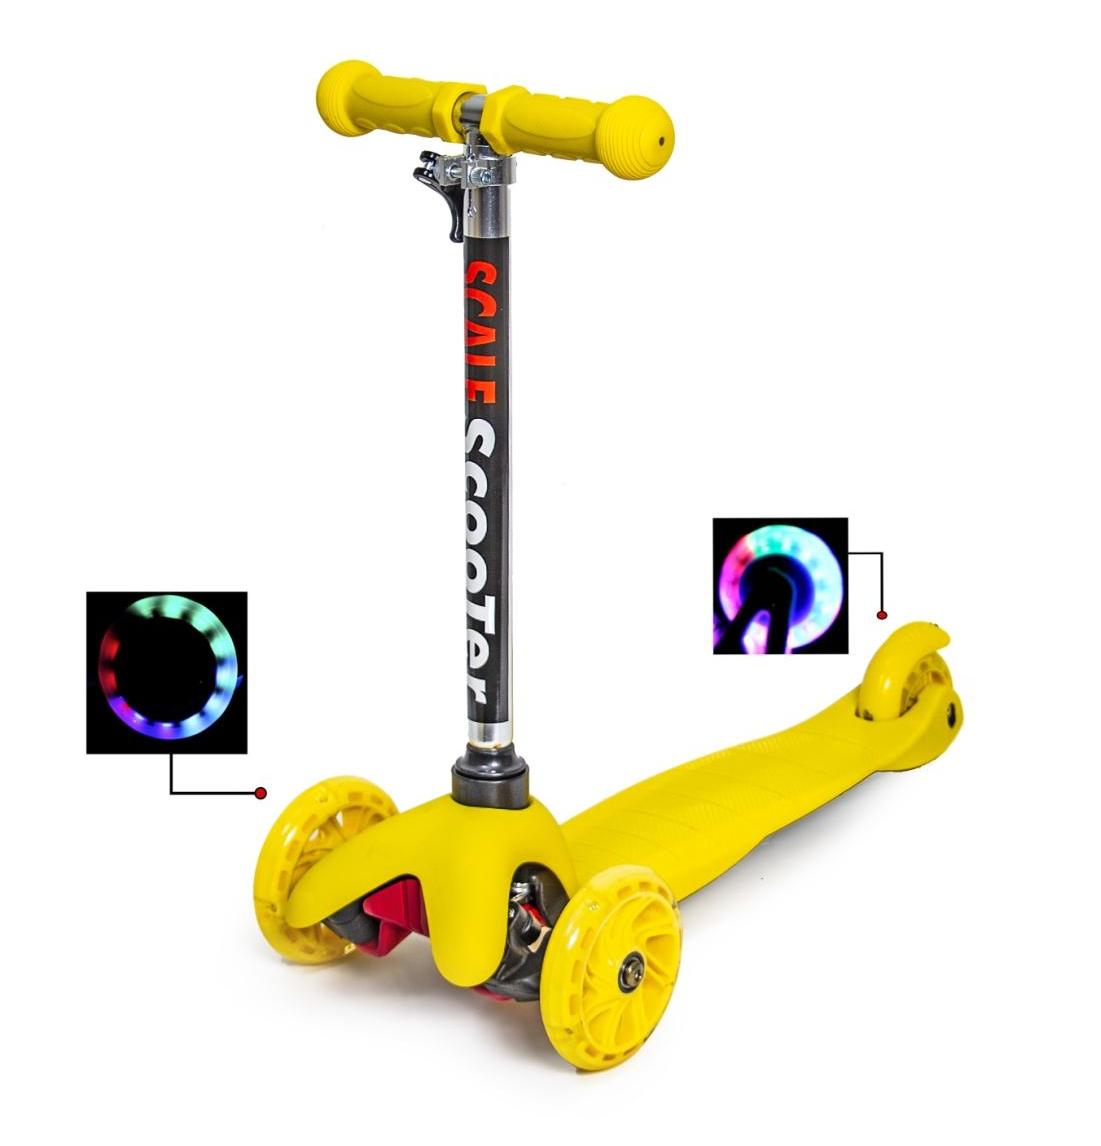 Детский трехколесный самокат   oter Mini (Желтый) (светящиеся колеса)